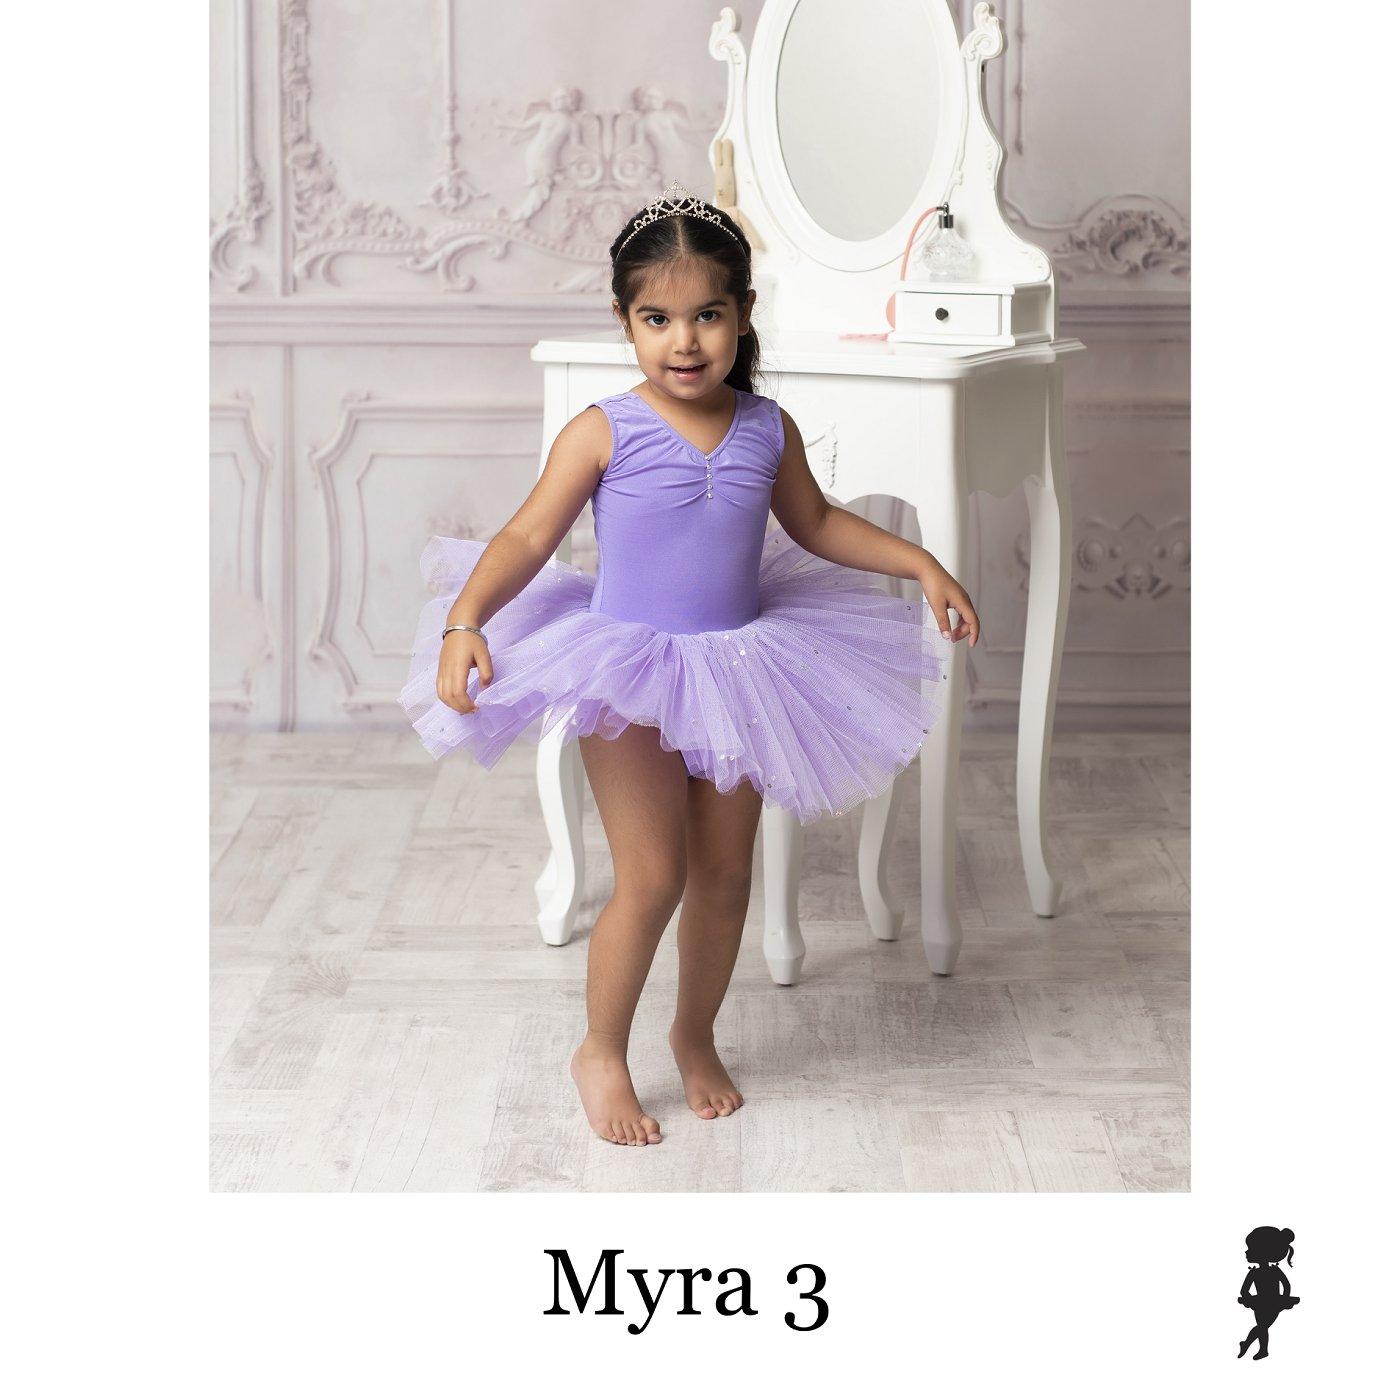 LB11519-Myra 3.jpg